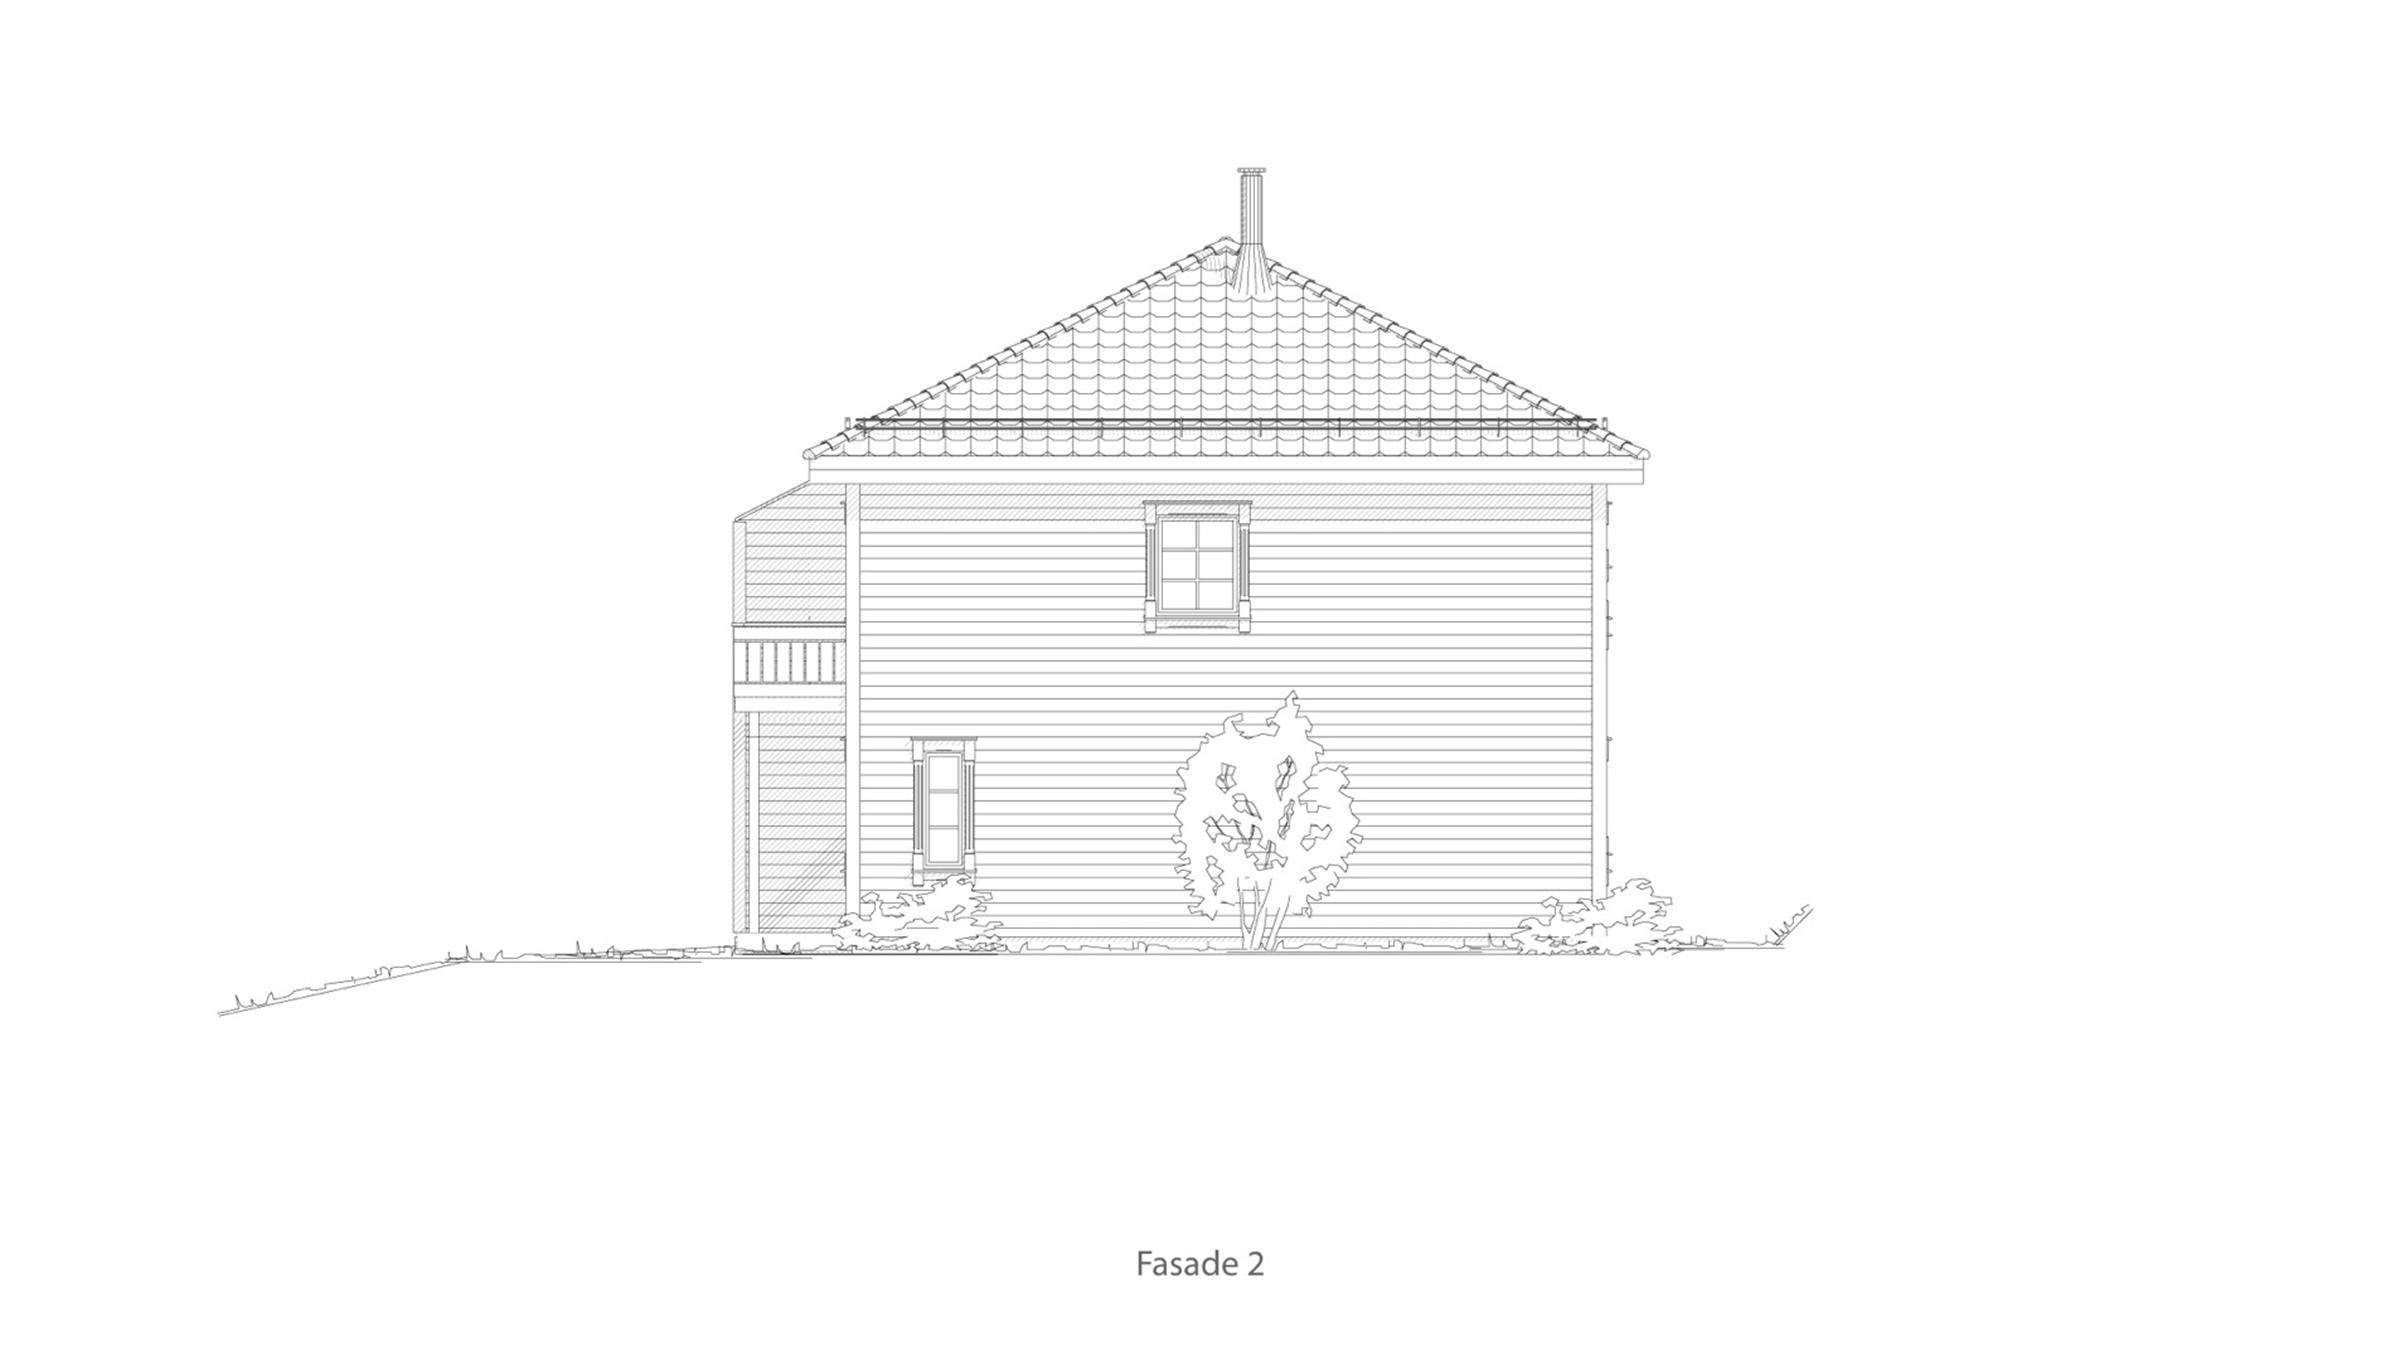 Halden fasade 2